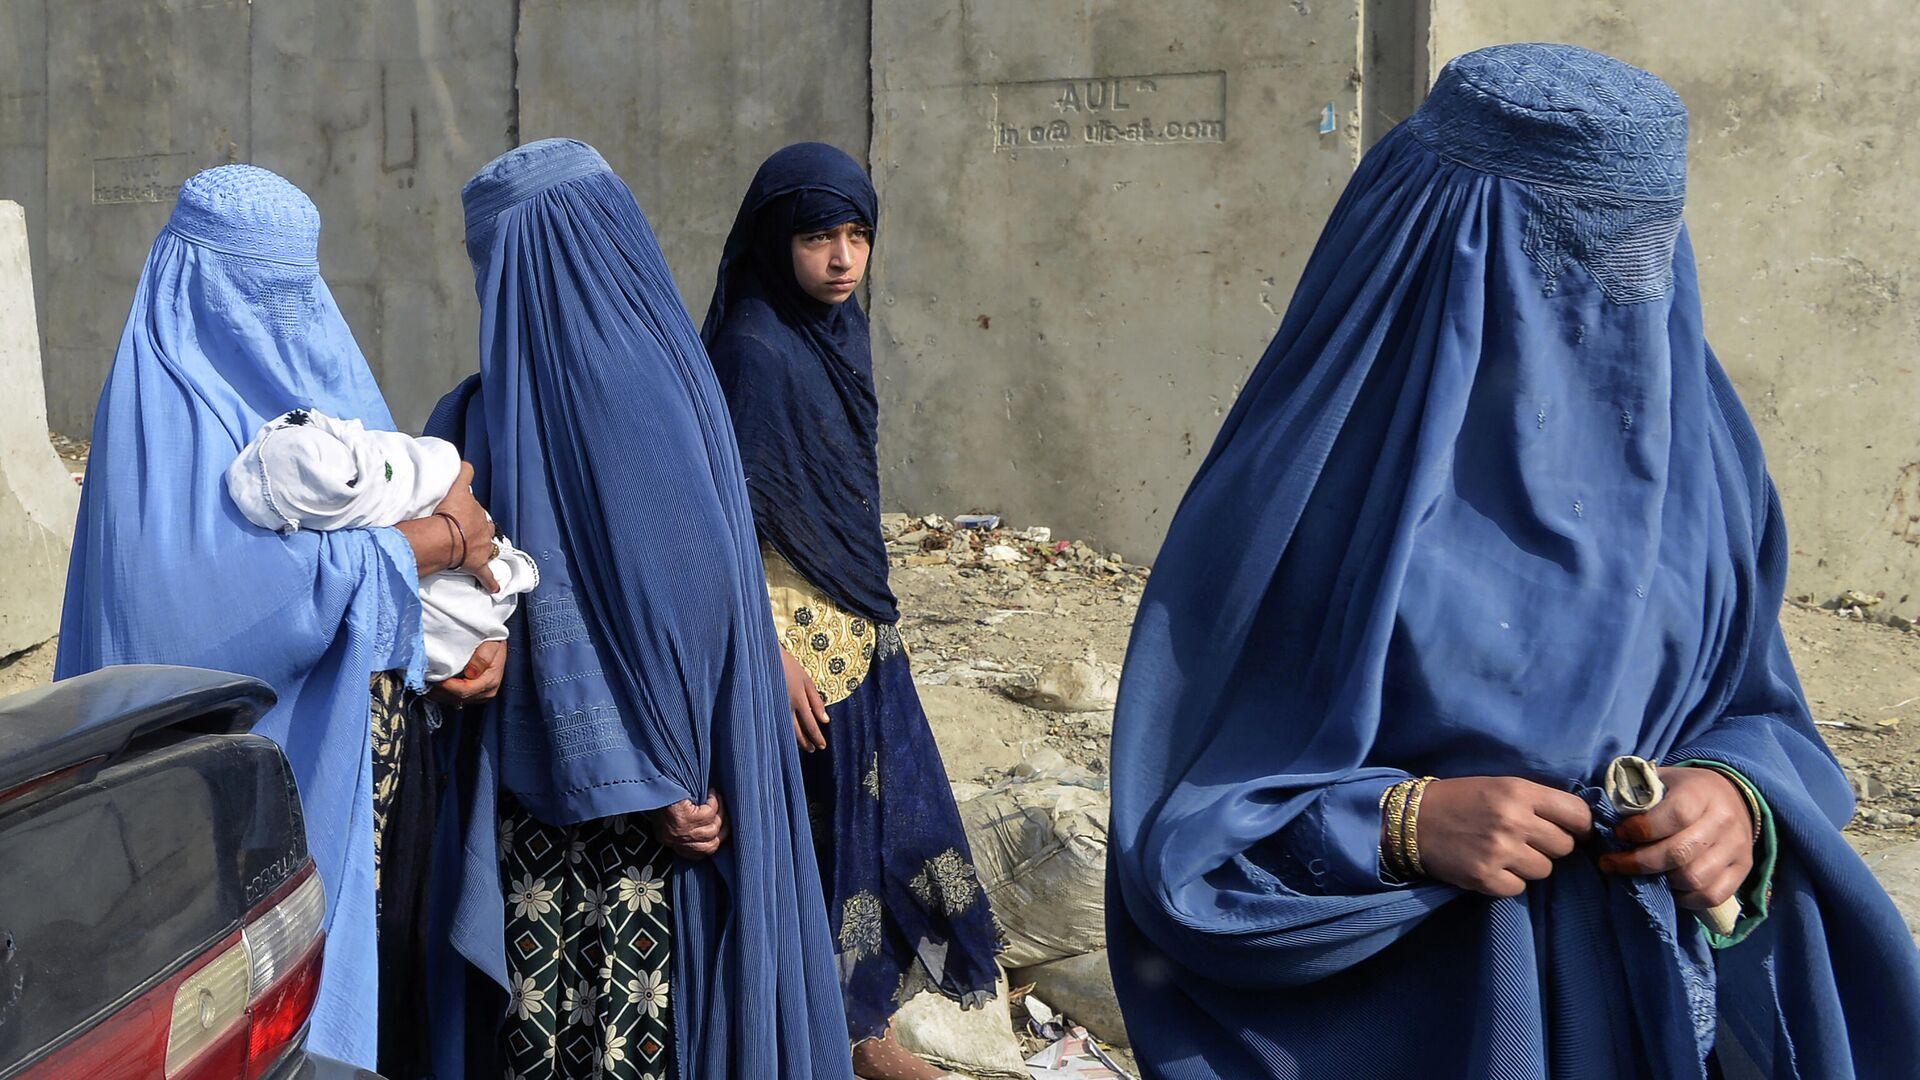 Женщины в Афганистане - Sputnik Таджикистан, 1920, 25.09.2021